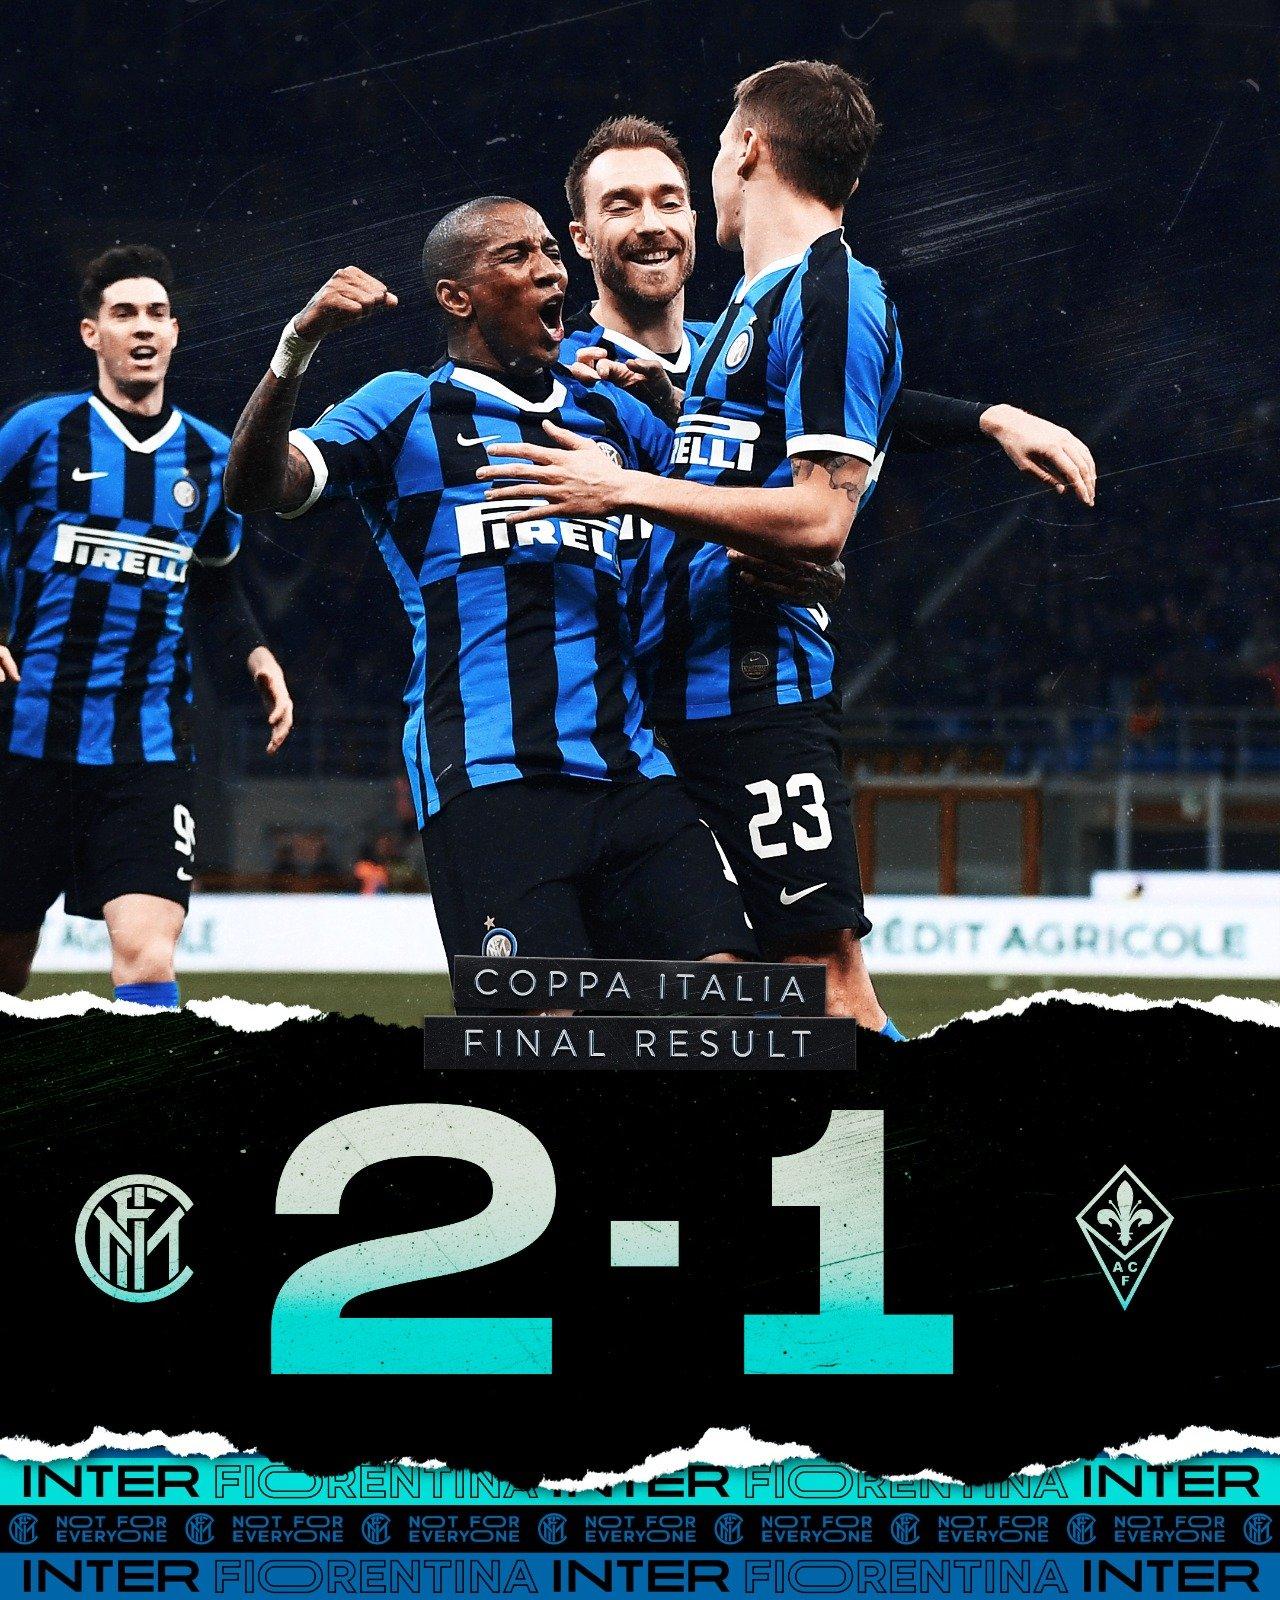 L'Inter continua la corsa in Coppa Italia: Barella regala la semifinale (2-1)